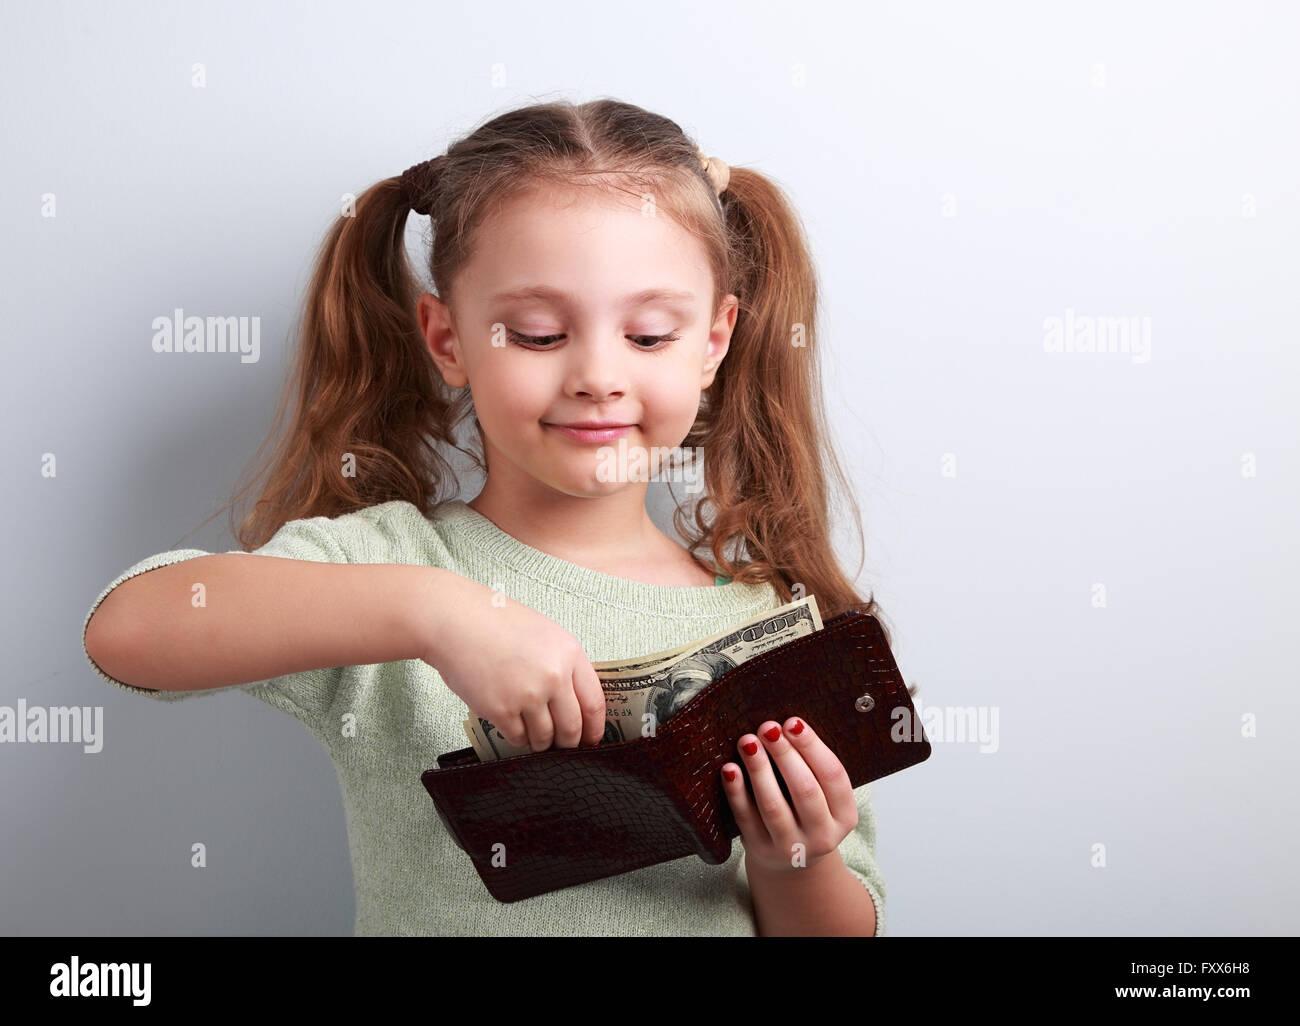 Lindo pequeño chico chica teniendo dólares de madre monedero y buscando feliz sobre fondo azul. Imagen De Stock